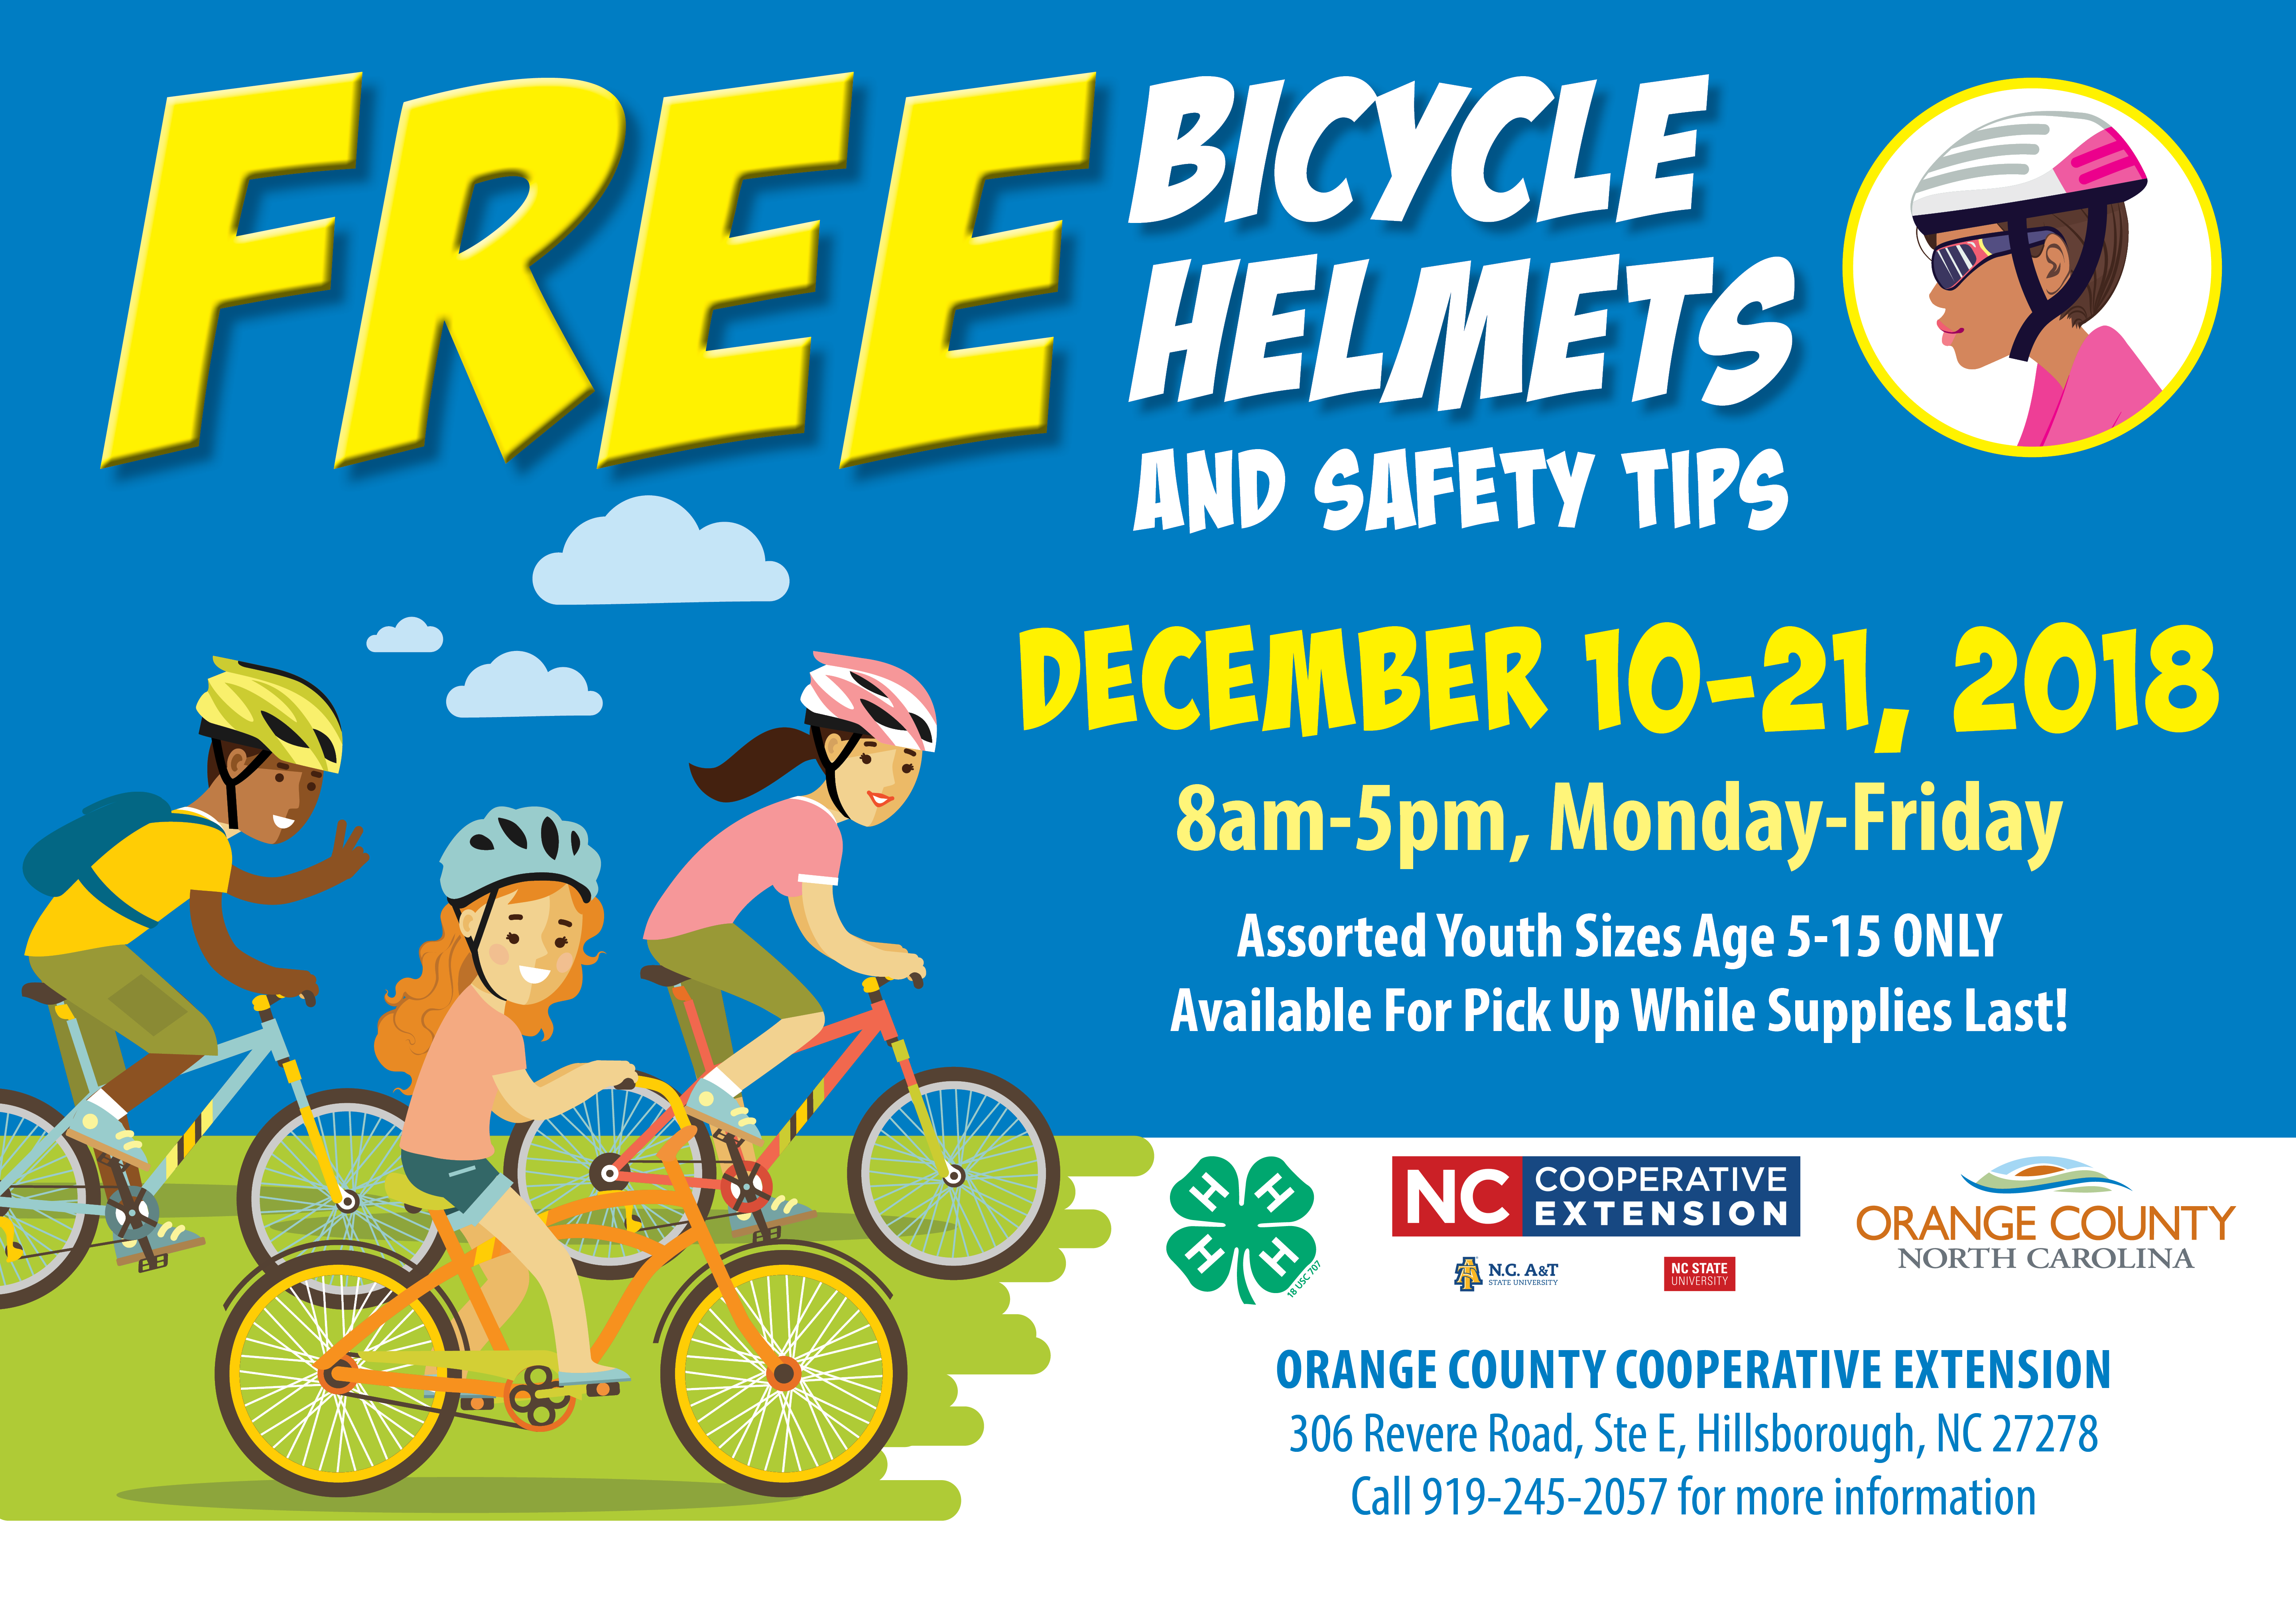 Bike helmet flyer image